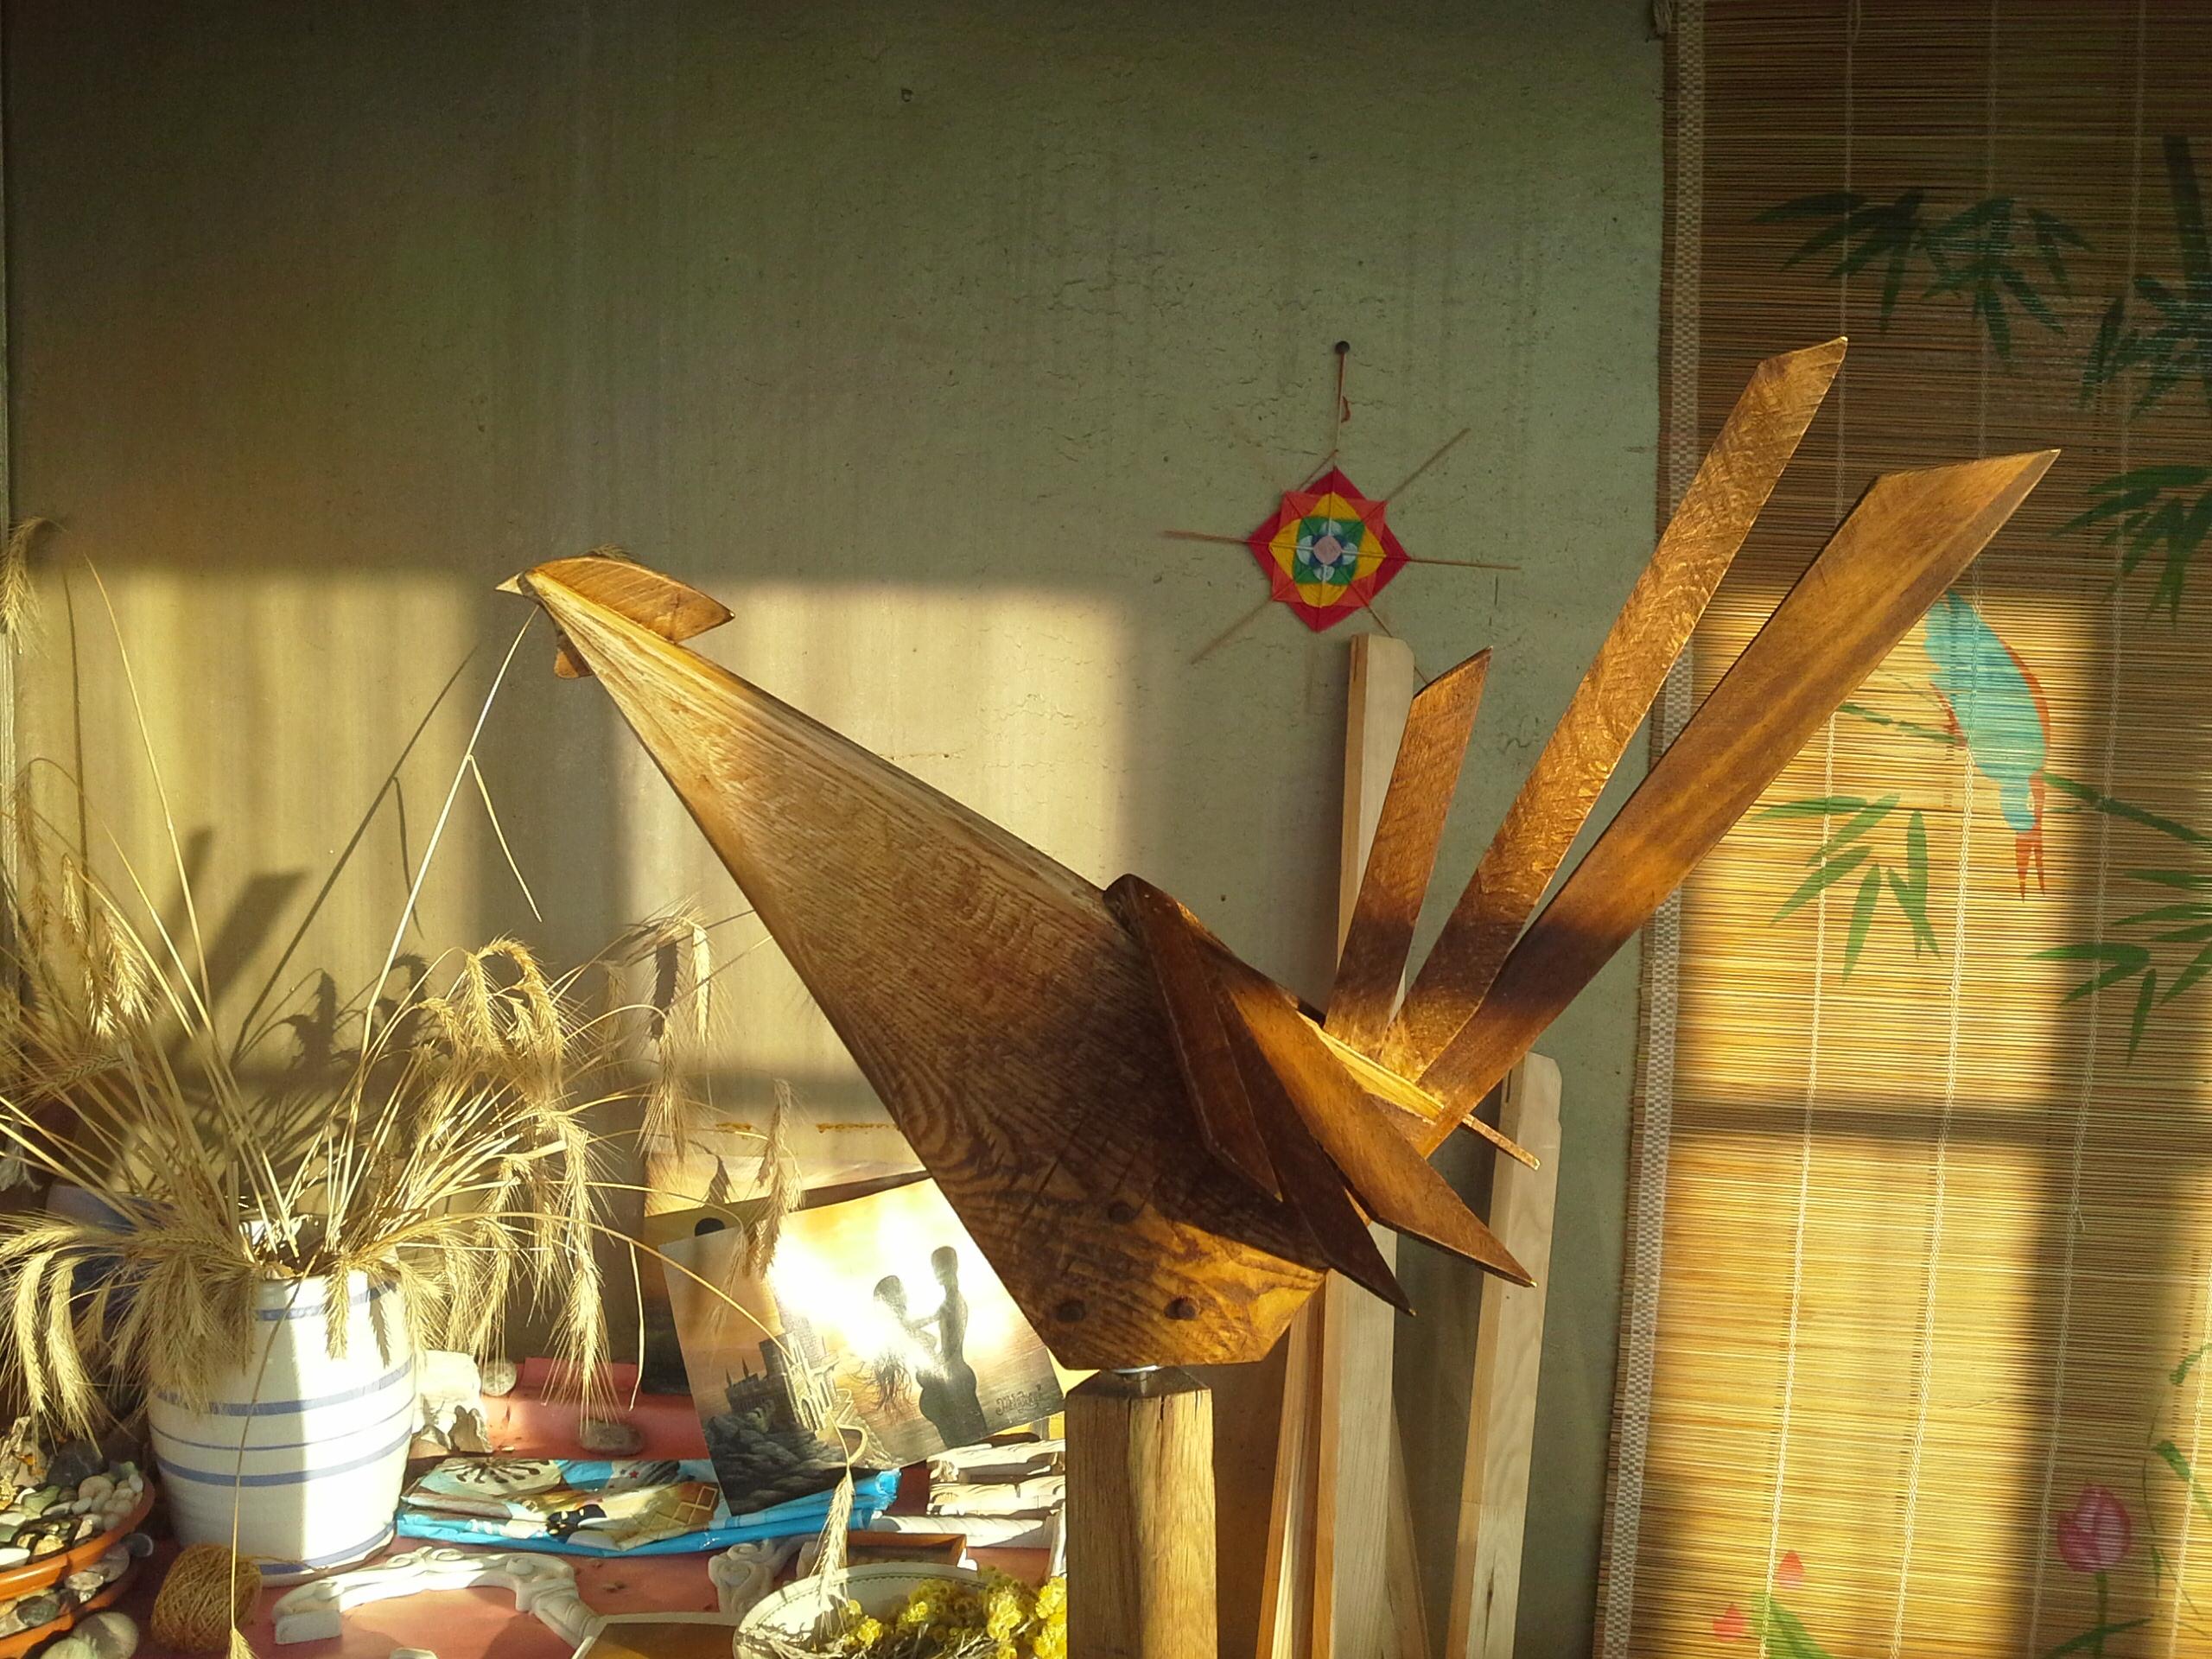 деревянная игрушка, петух, флюгер